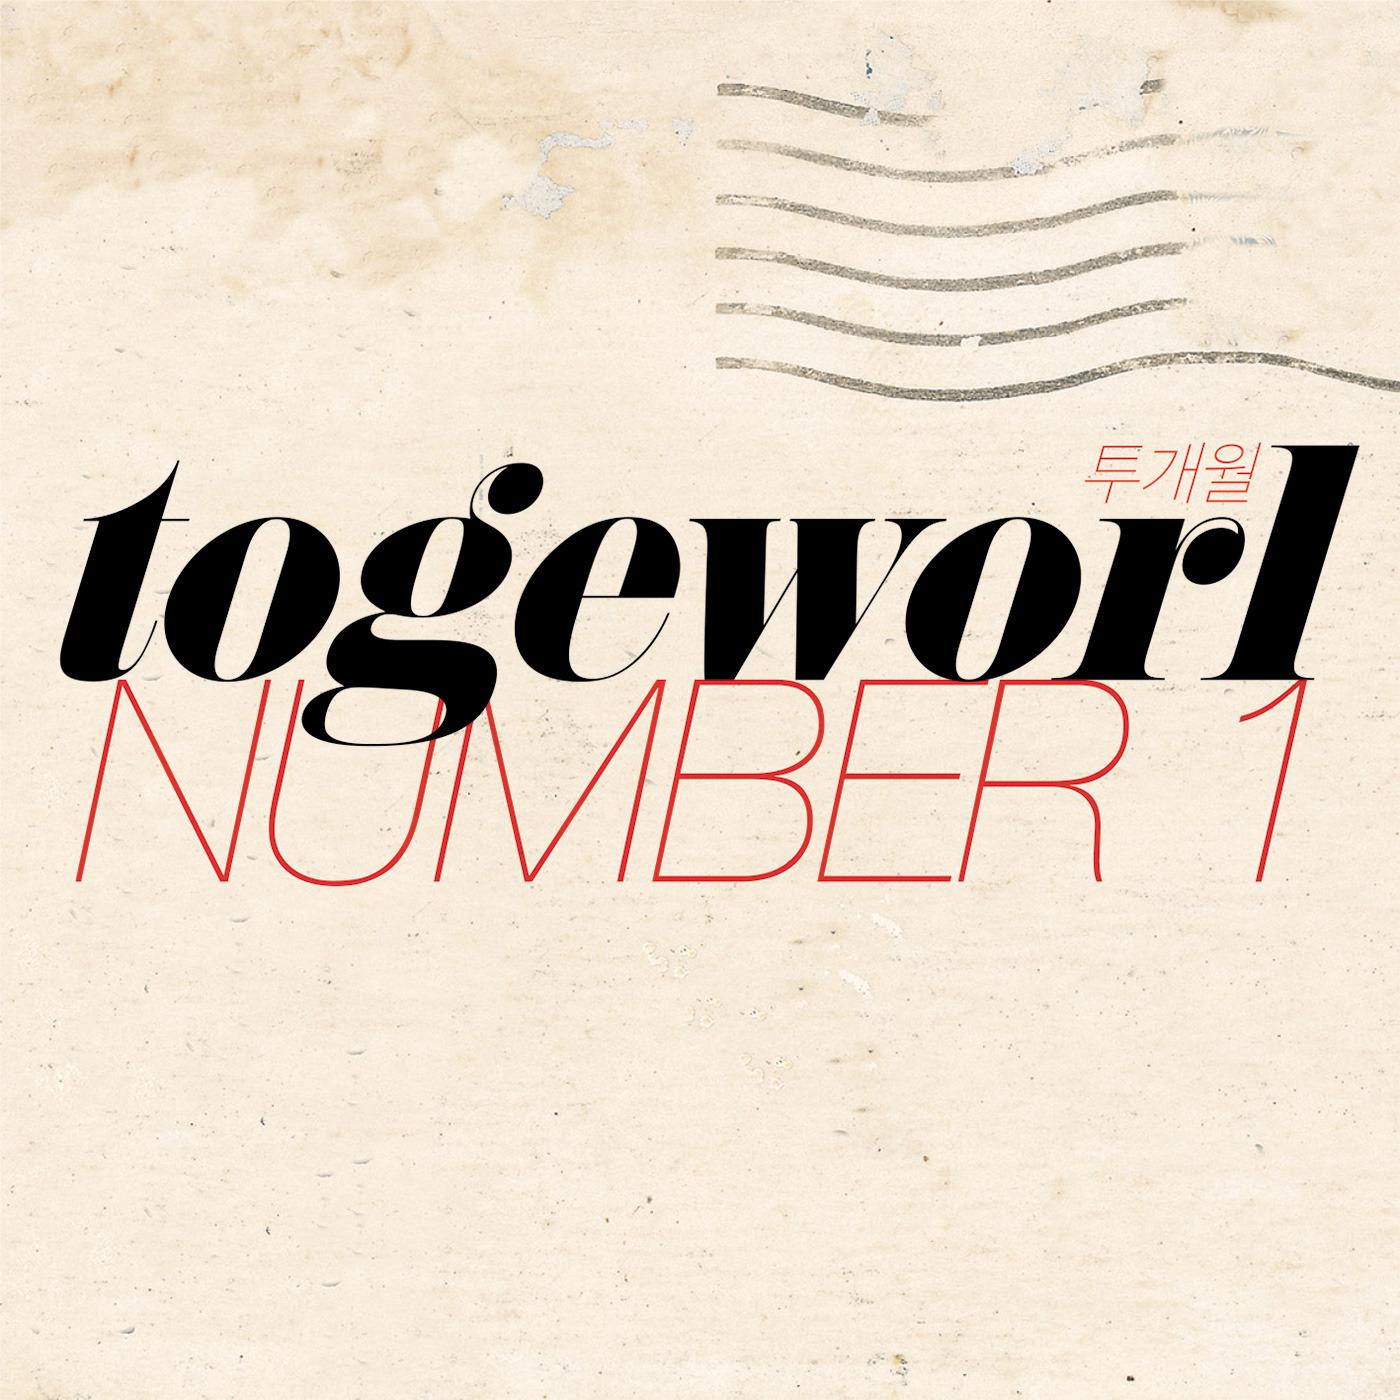 투개월 (Togeworl) - Number 1